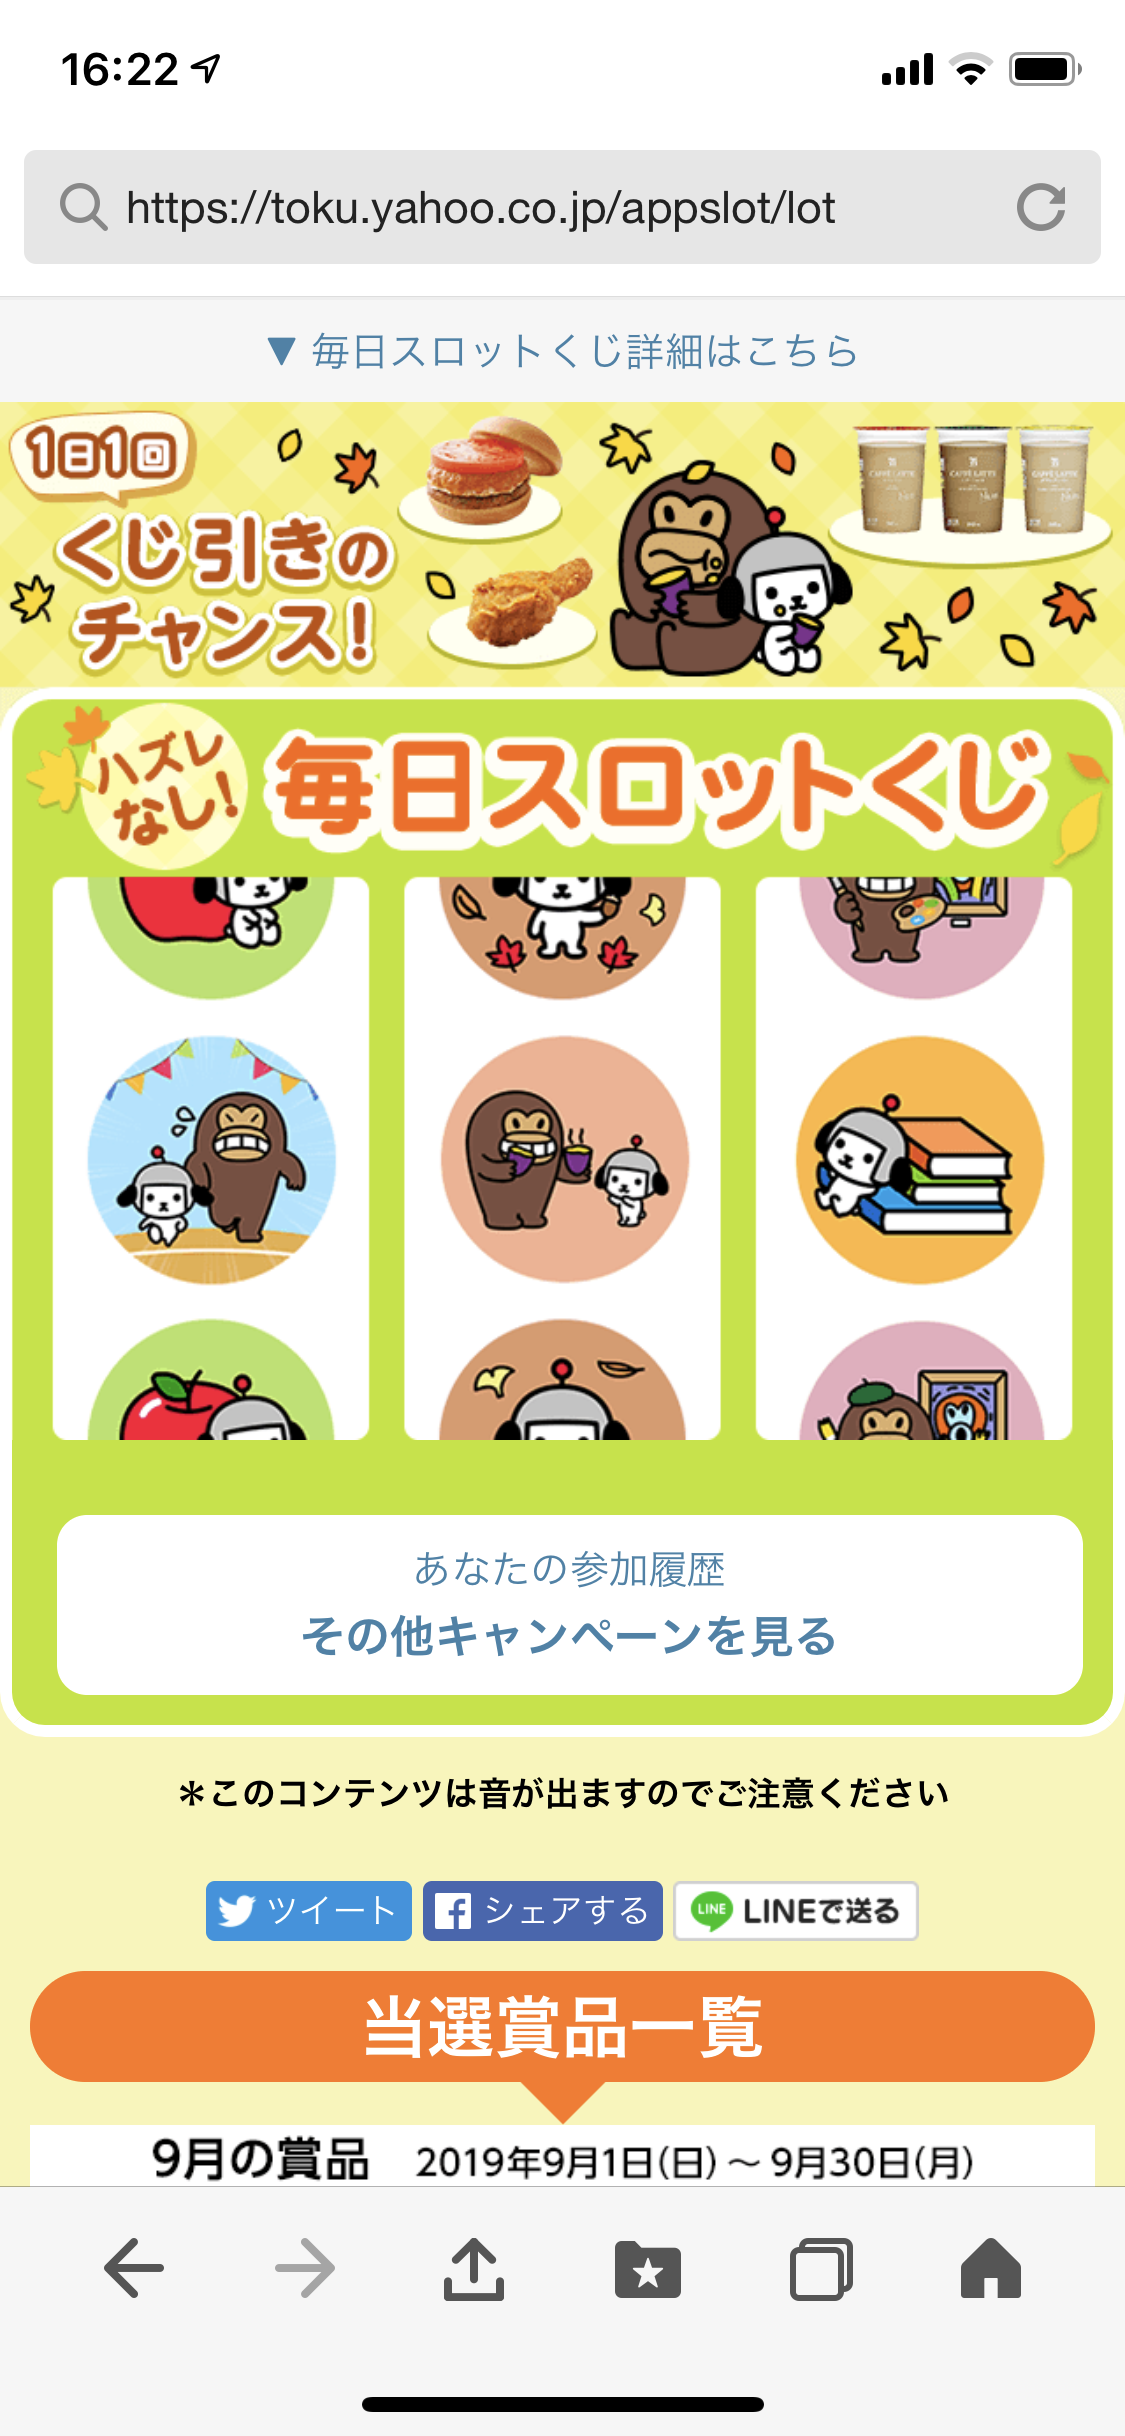 アプリの画面5